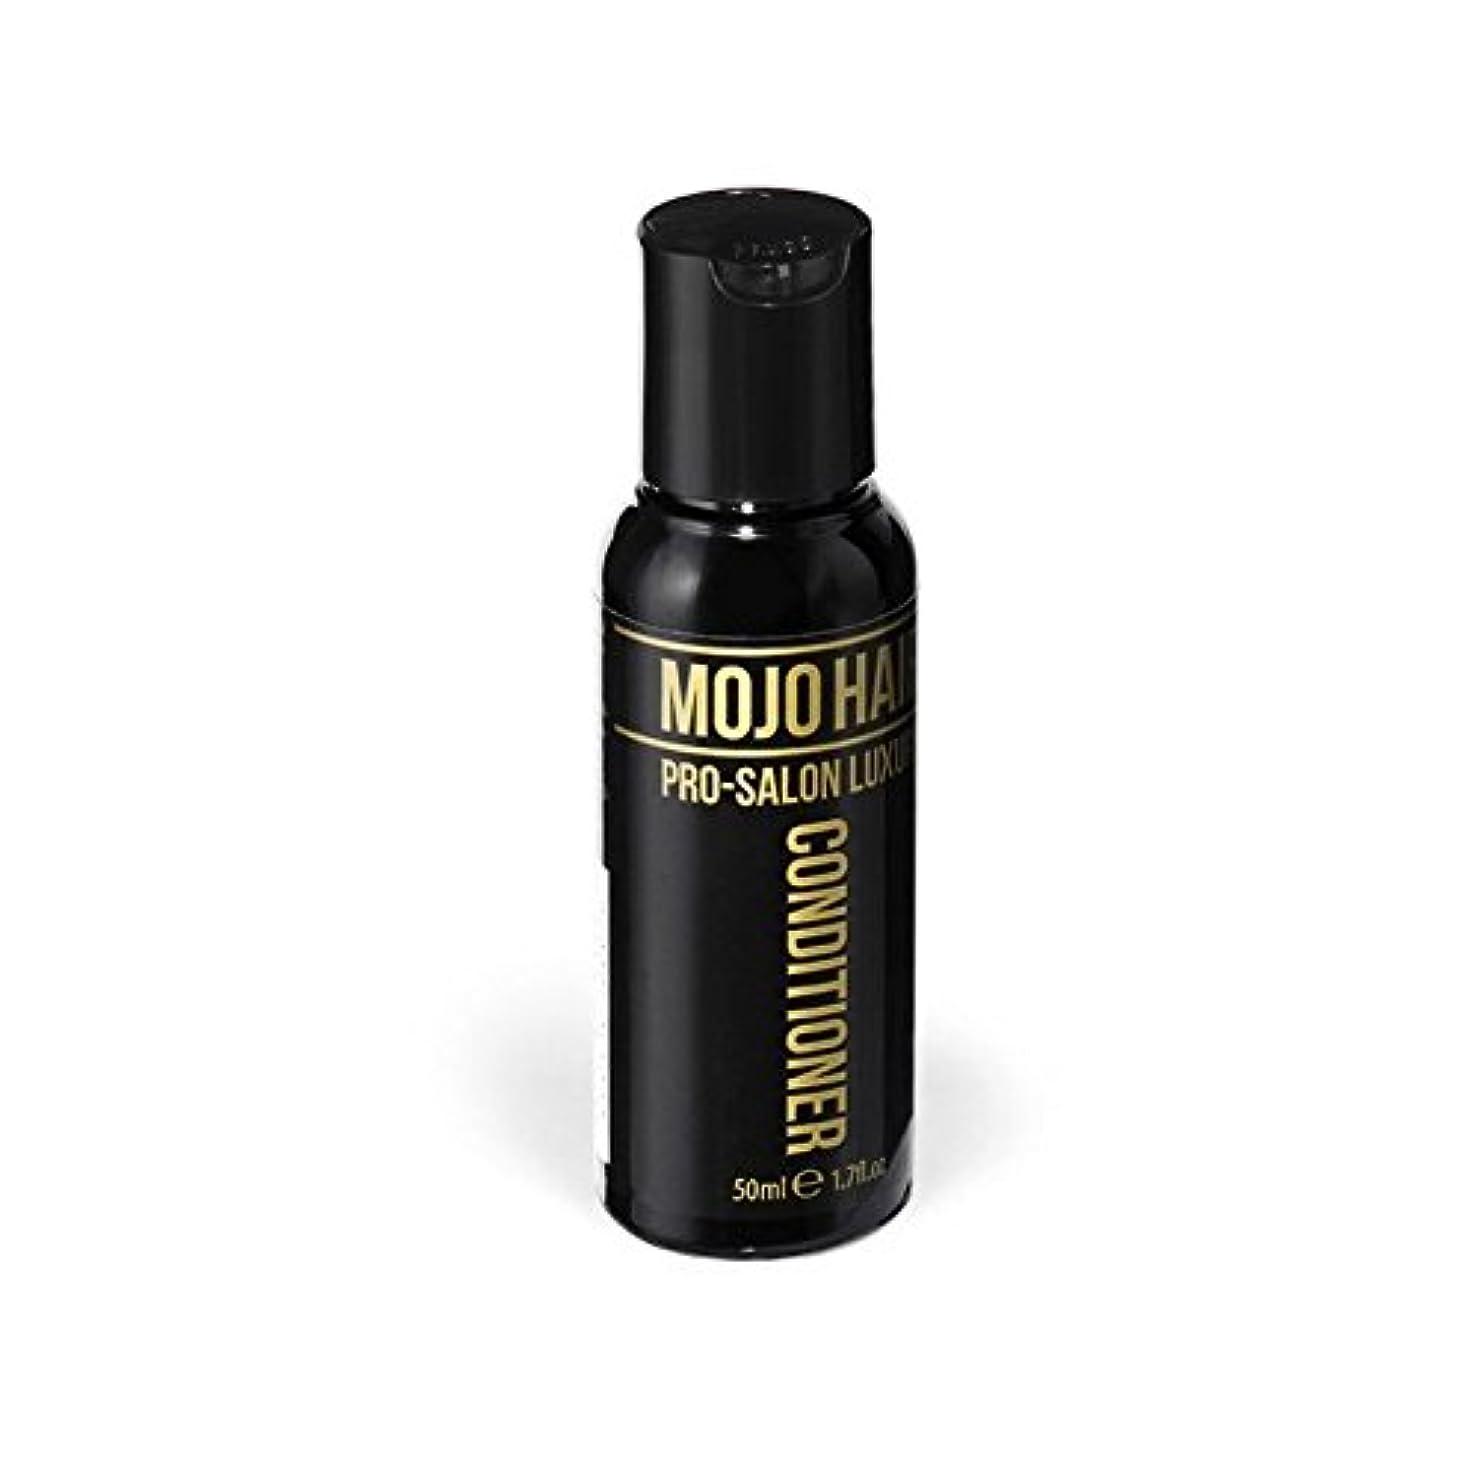 断言する反対に休暇Mojo Hair Pro-Salon Luxury Conditioner (50ml) (Pack of 6) - モジョの毛プロのサロンの贅沢なコンディショナー(50ミリリットル) x6 [並行輸入品]